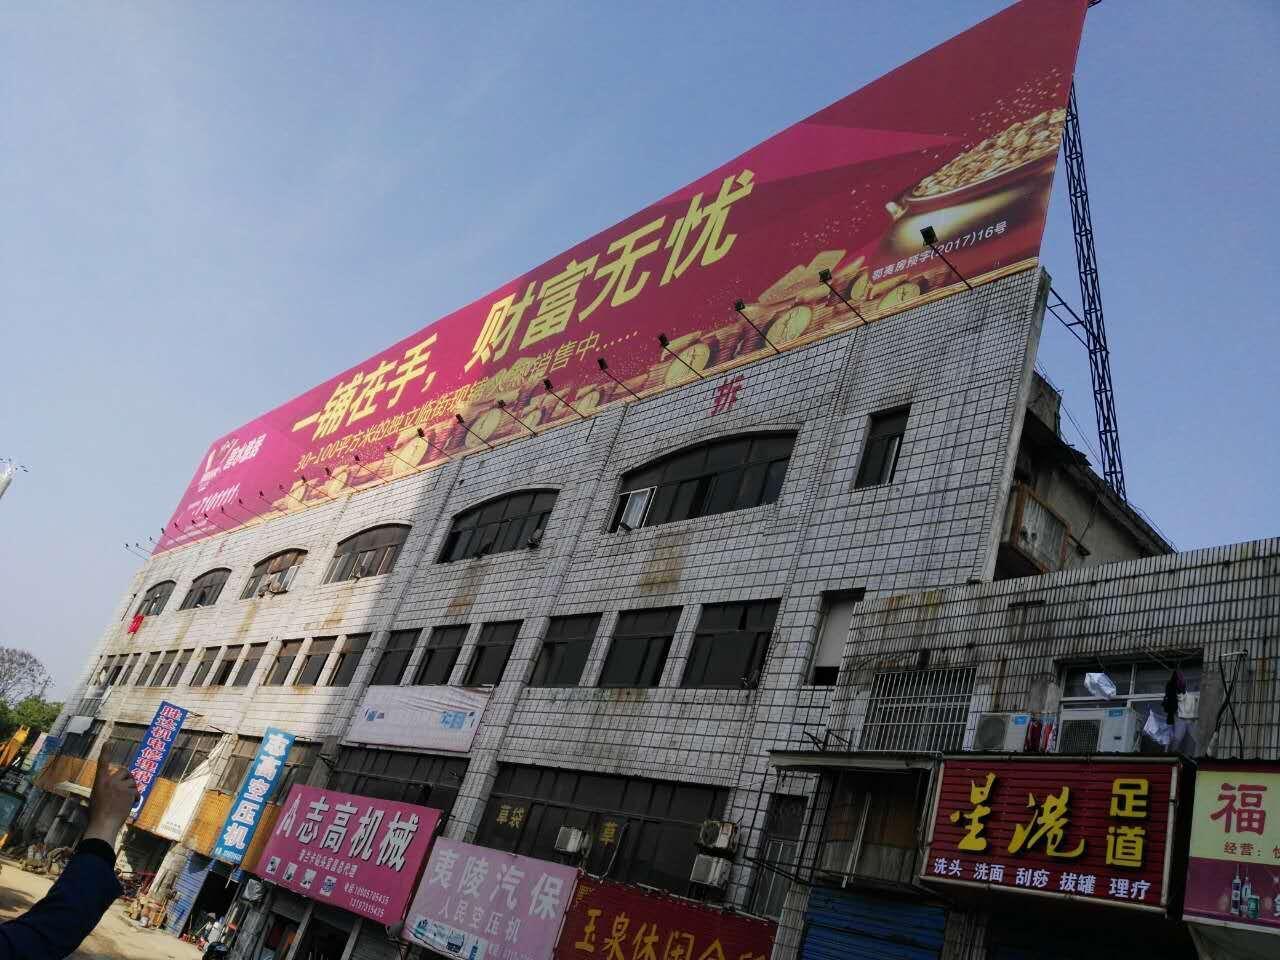 渭南广告牌安全检测鉴定单位